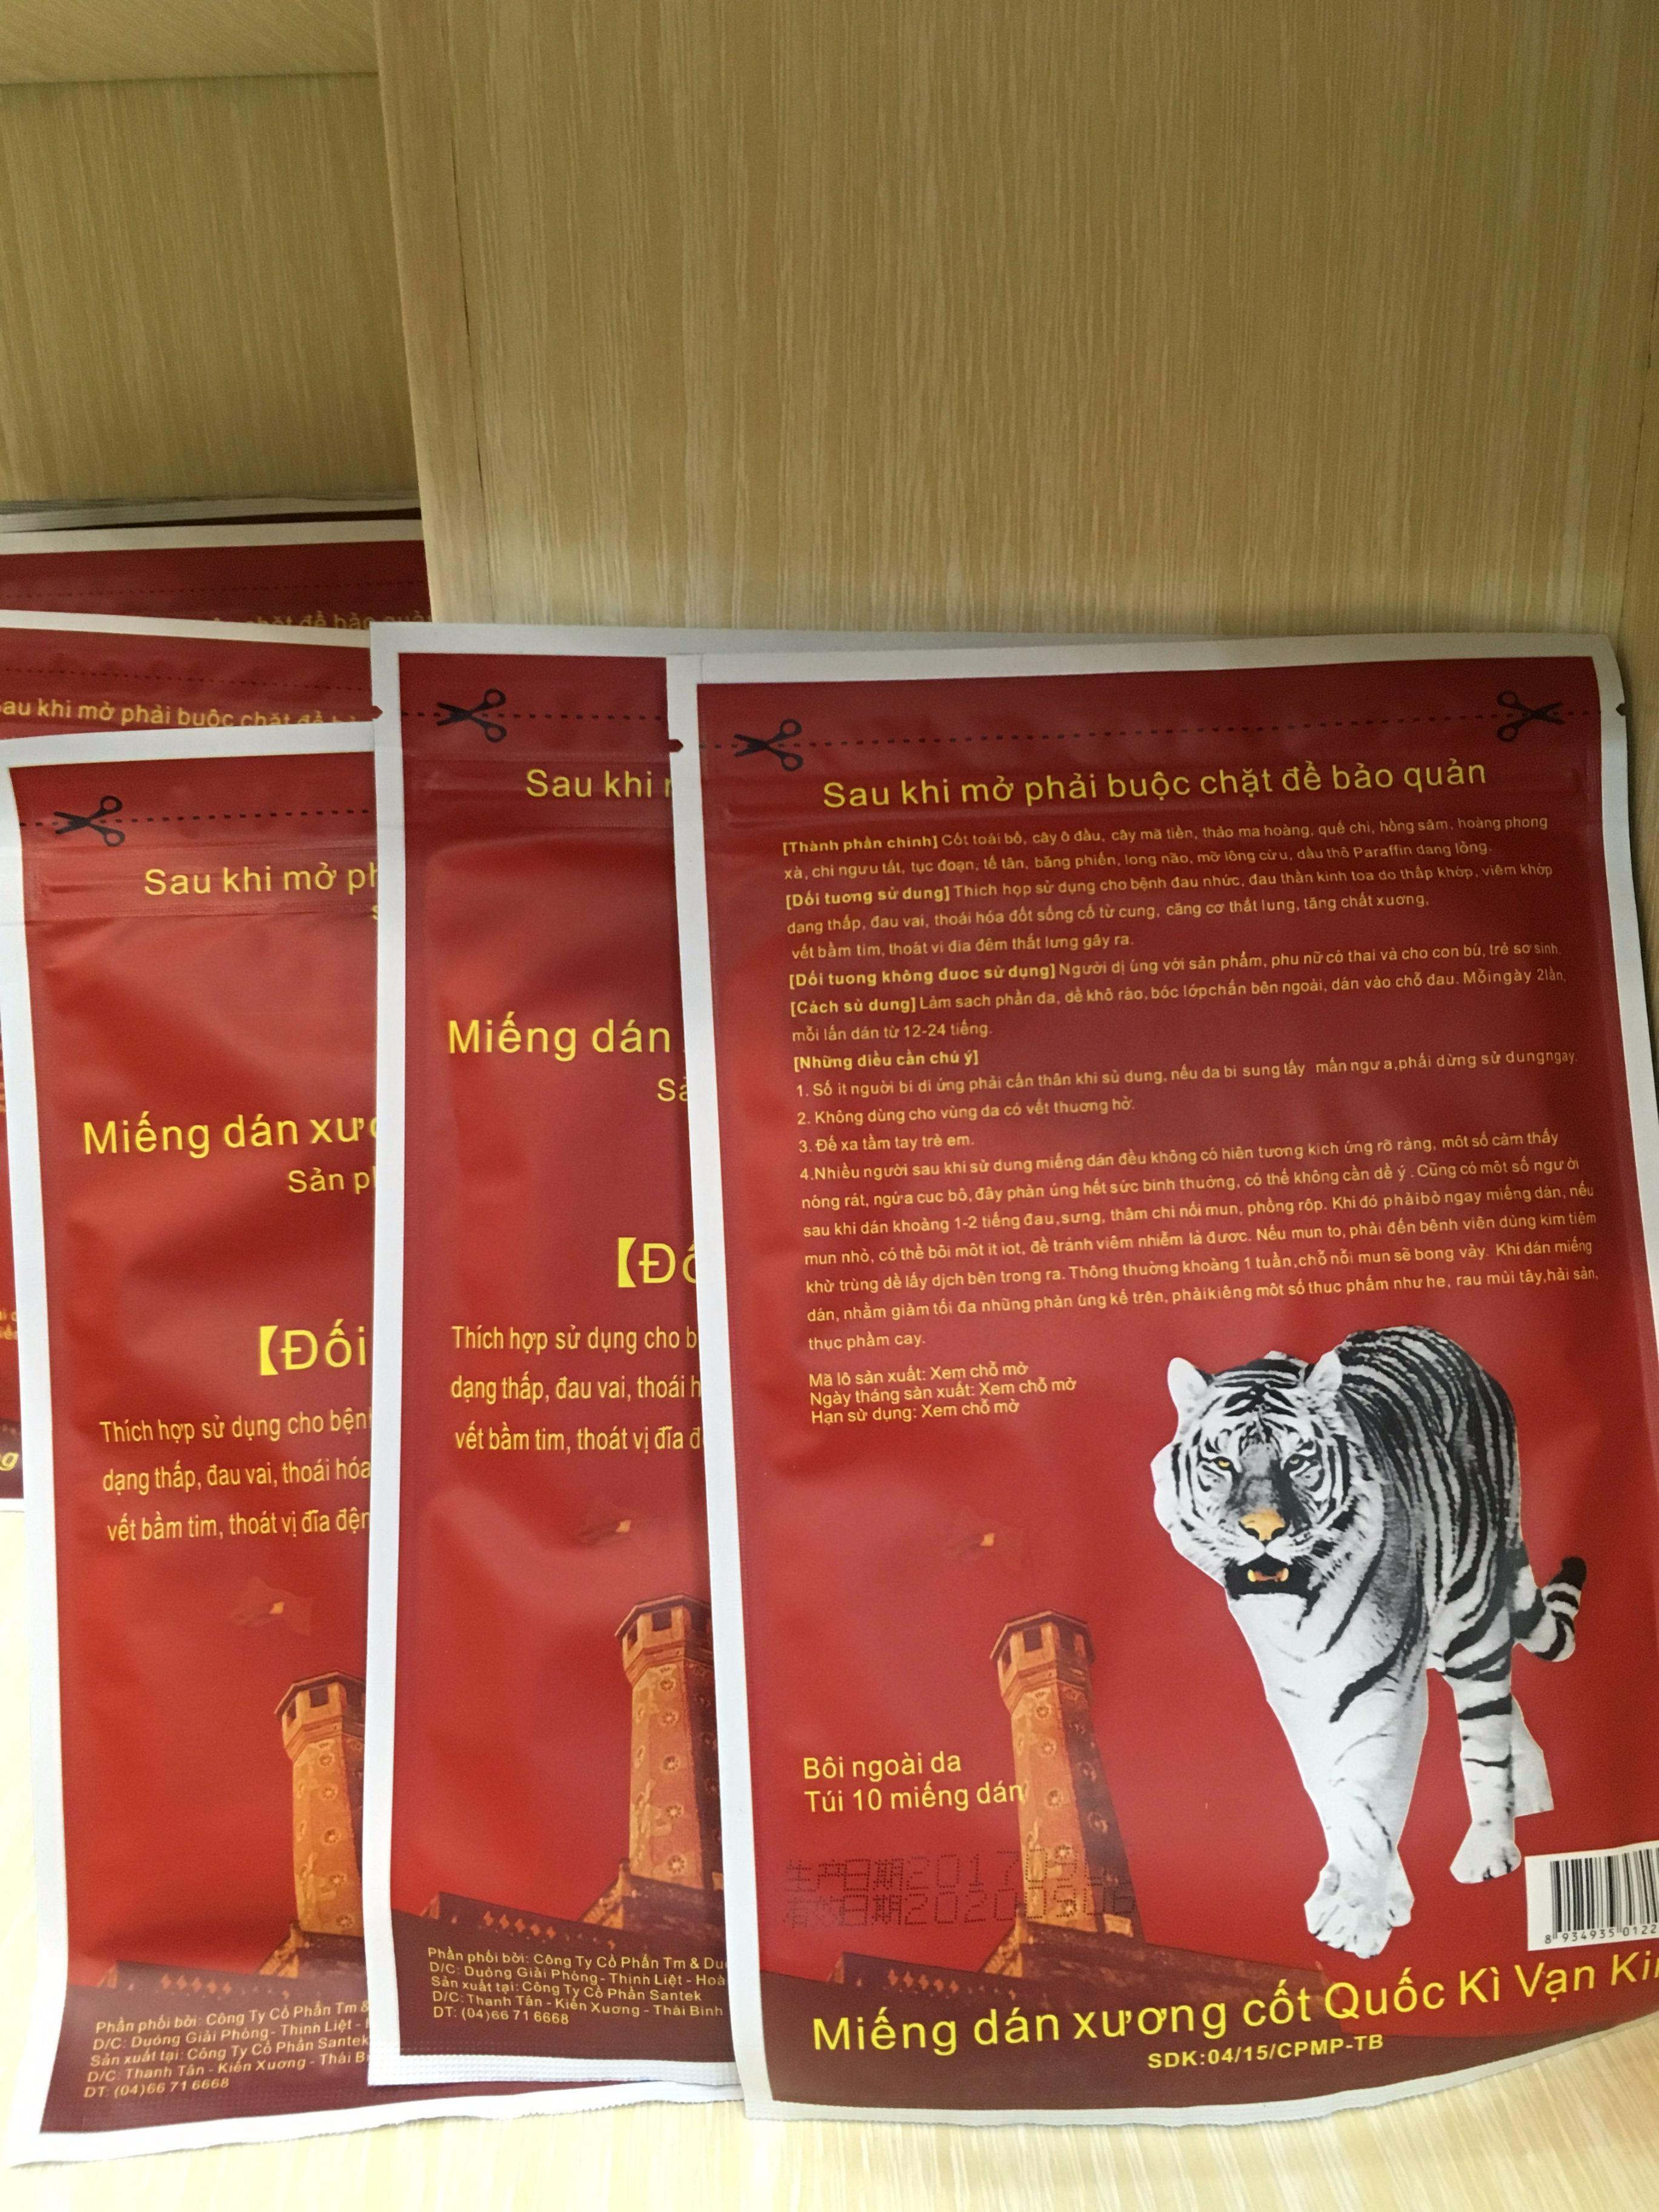 越南进口正品白虎国旗贴腰痛腿痛膏片一袋10贴3袋起包邮